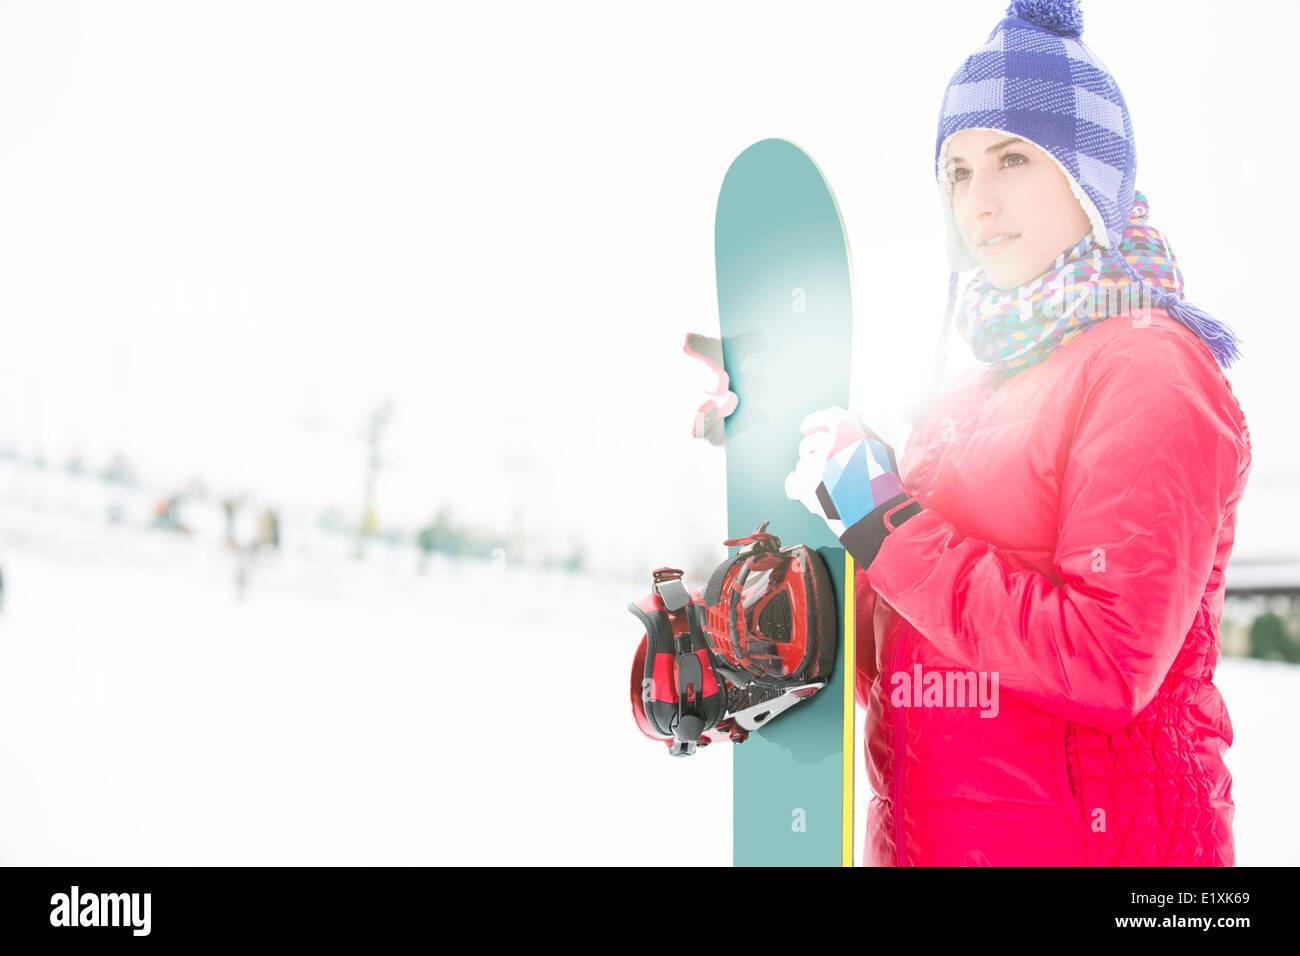 Hermosa joven en ropa de abrigo la celebración de snowboard durante el invierno Imagen De Stock